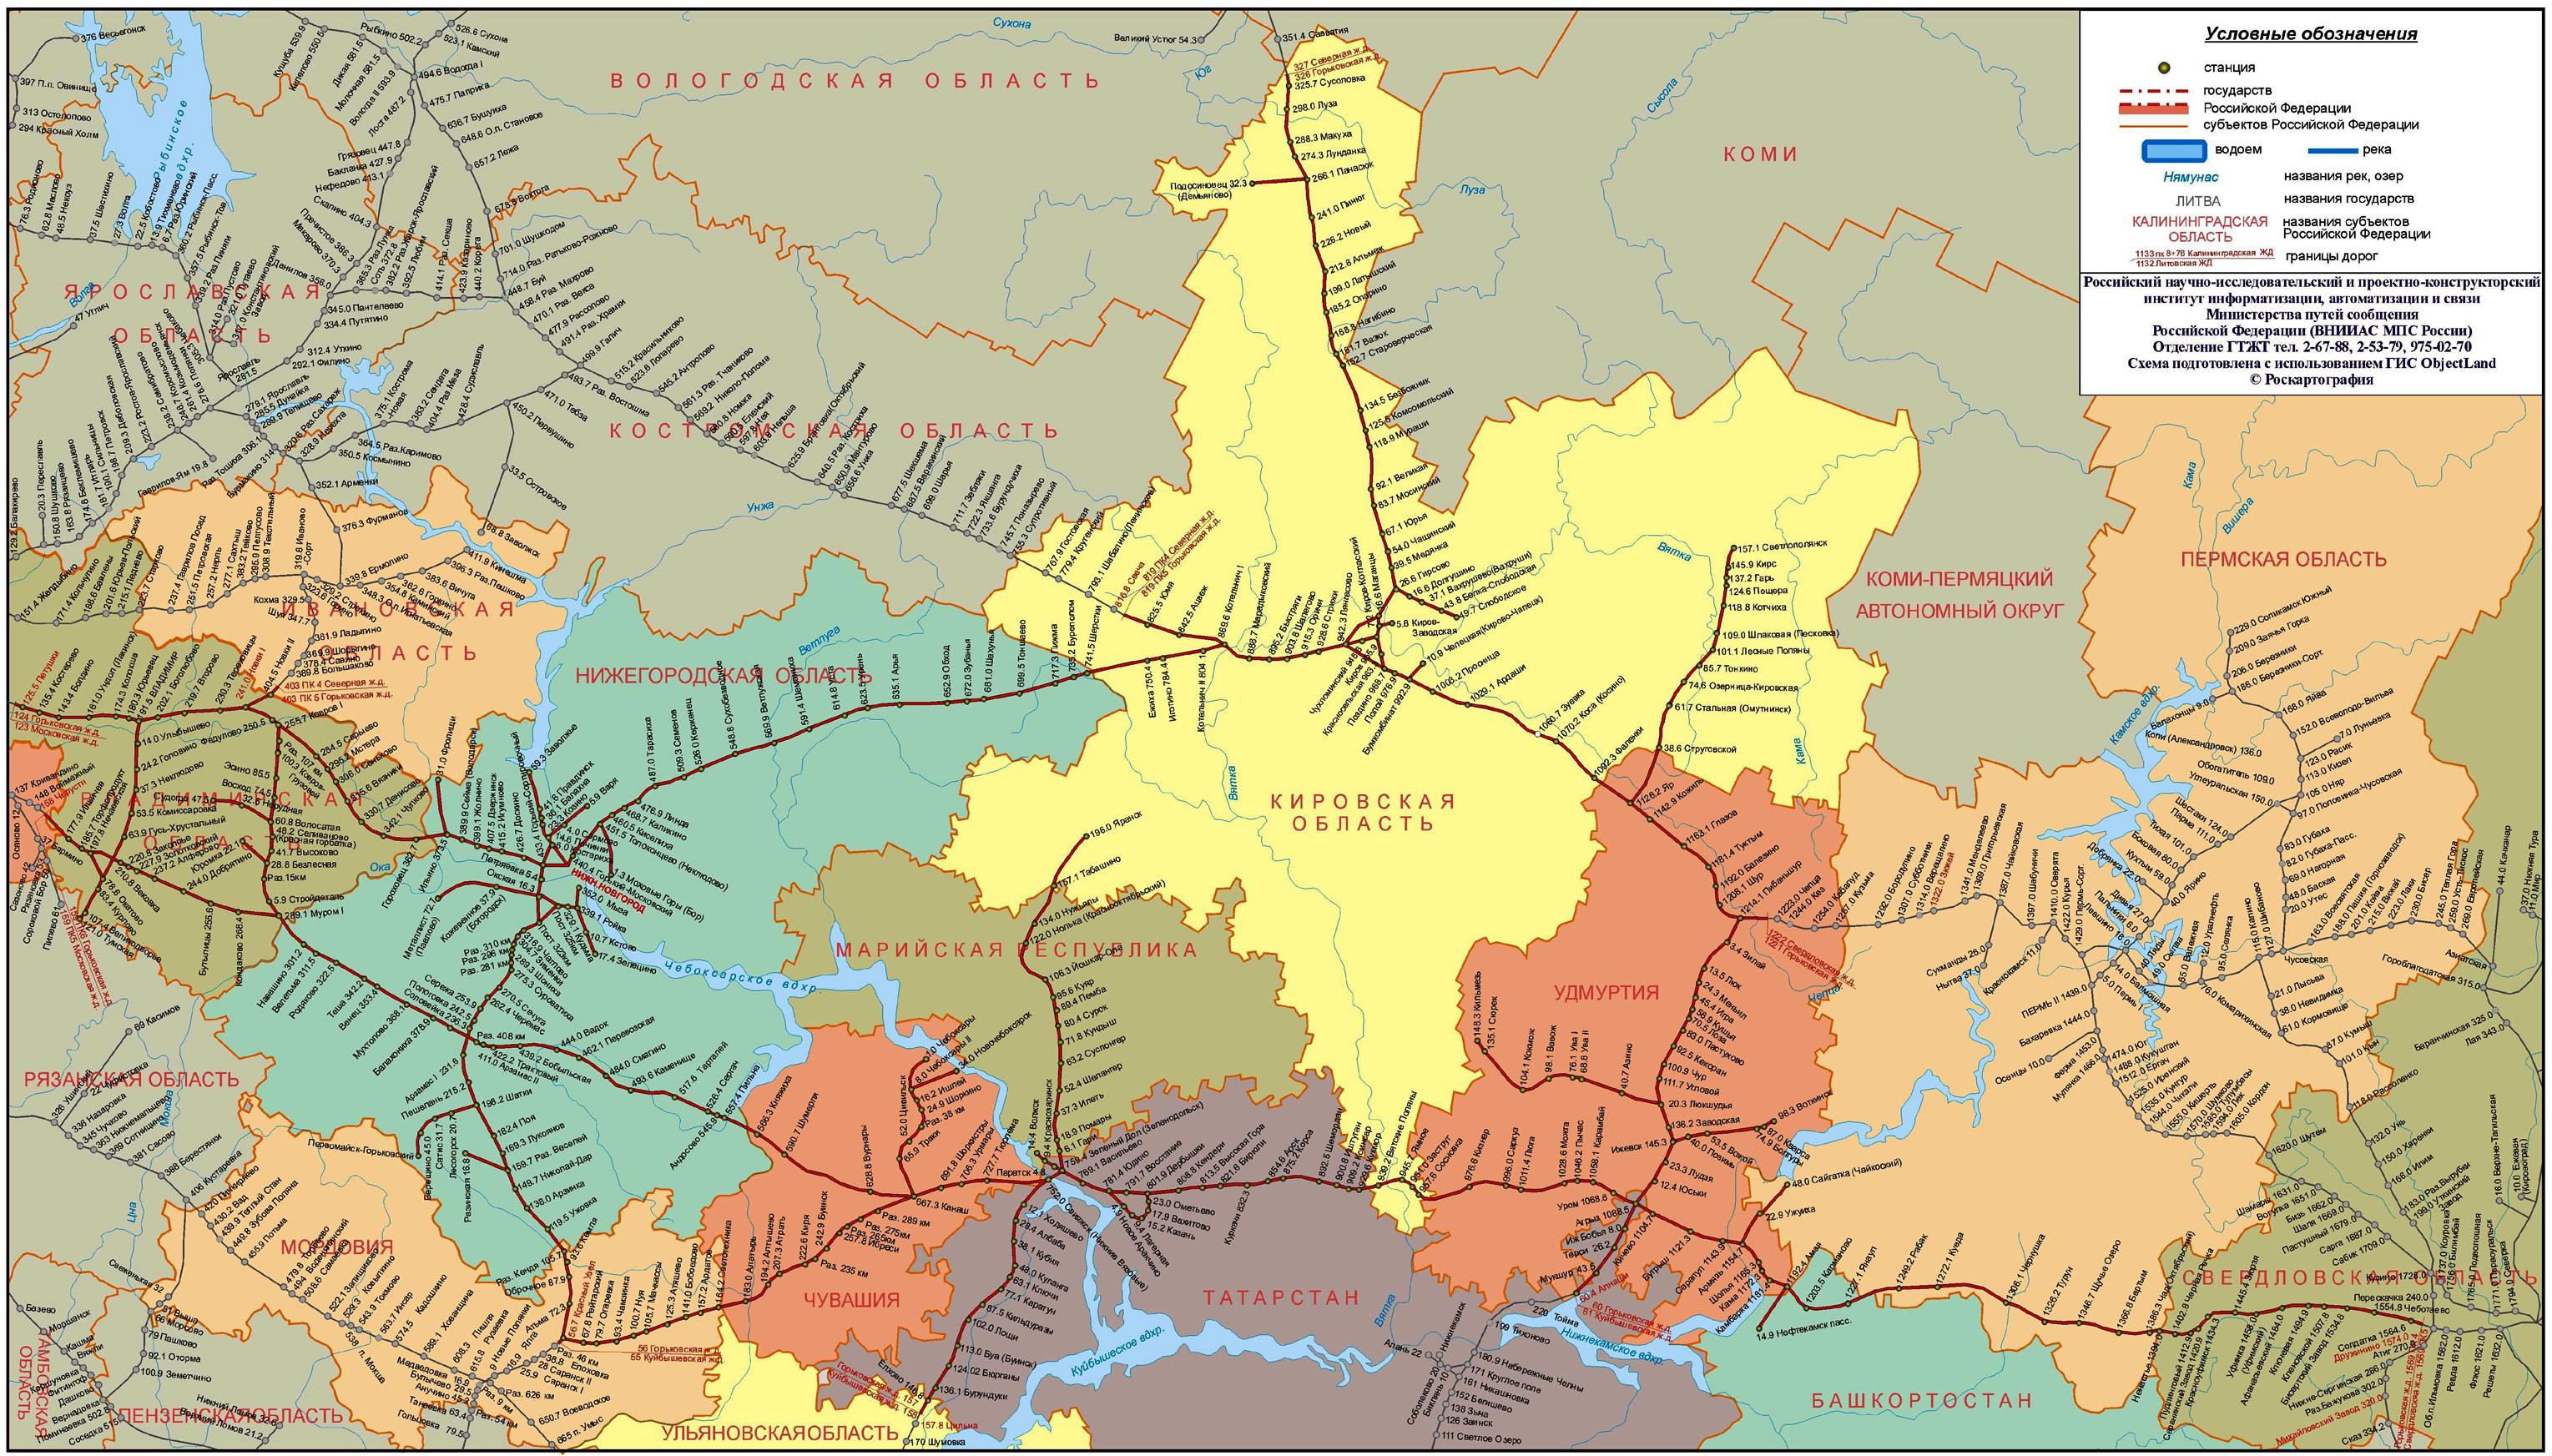 """Горьковская железная дорога (ГЖД) является филиалом ОАО  """"РЖД """" и проходит по территории республик Чувашия, Мордовия..."""